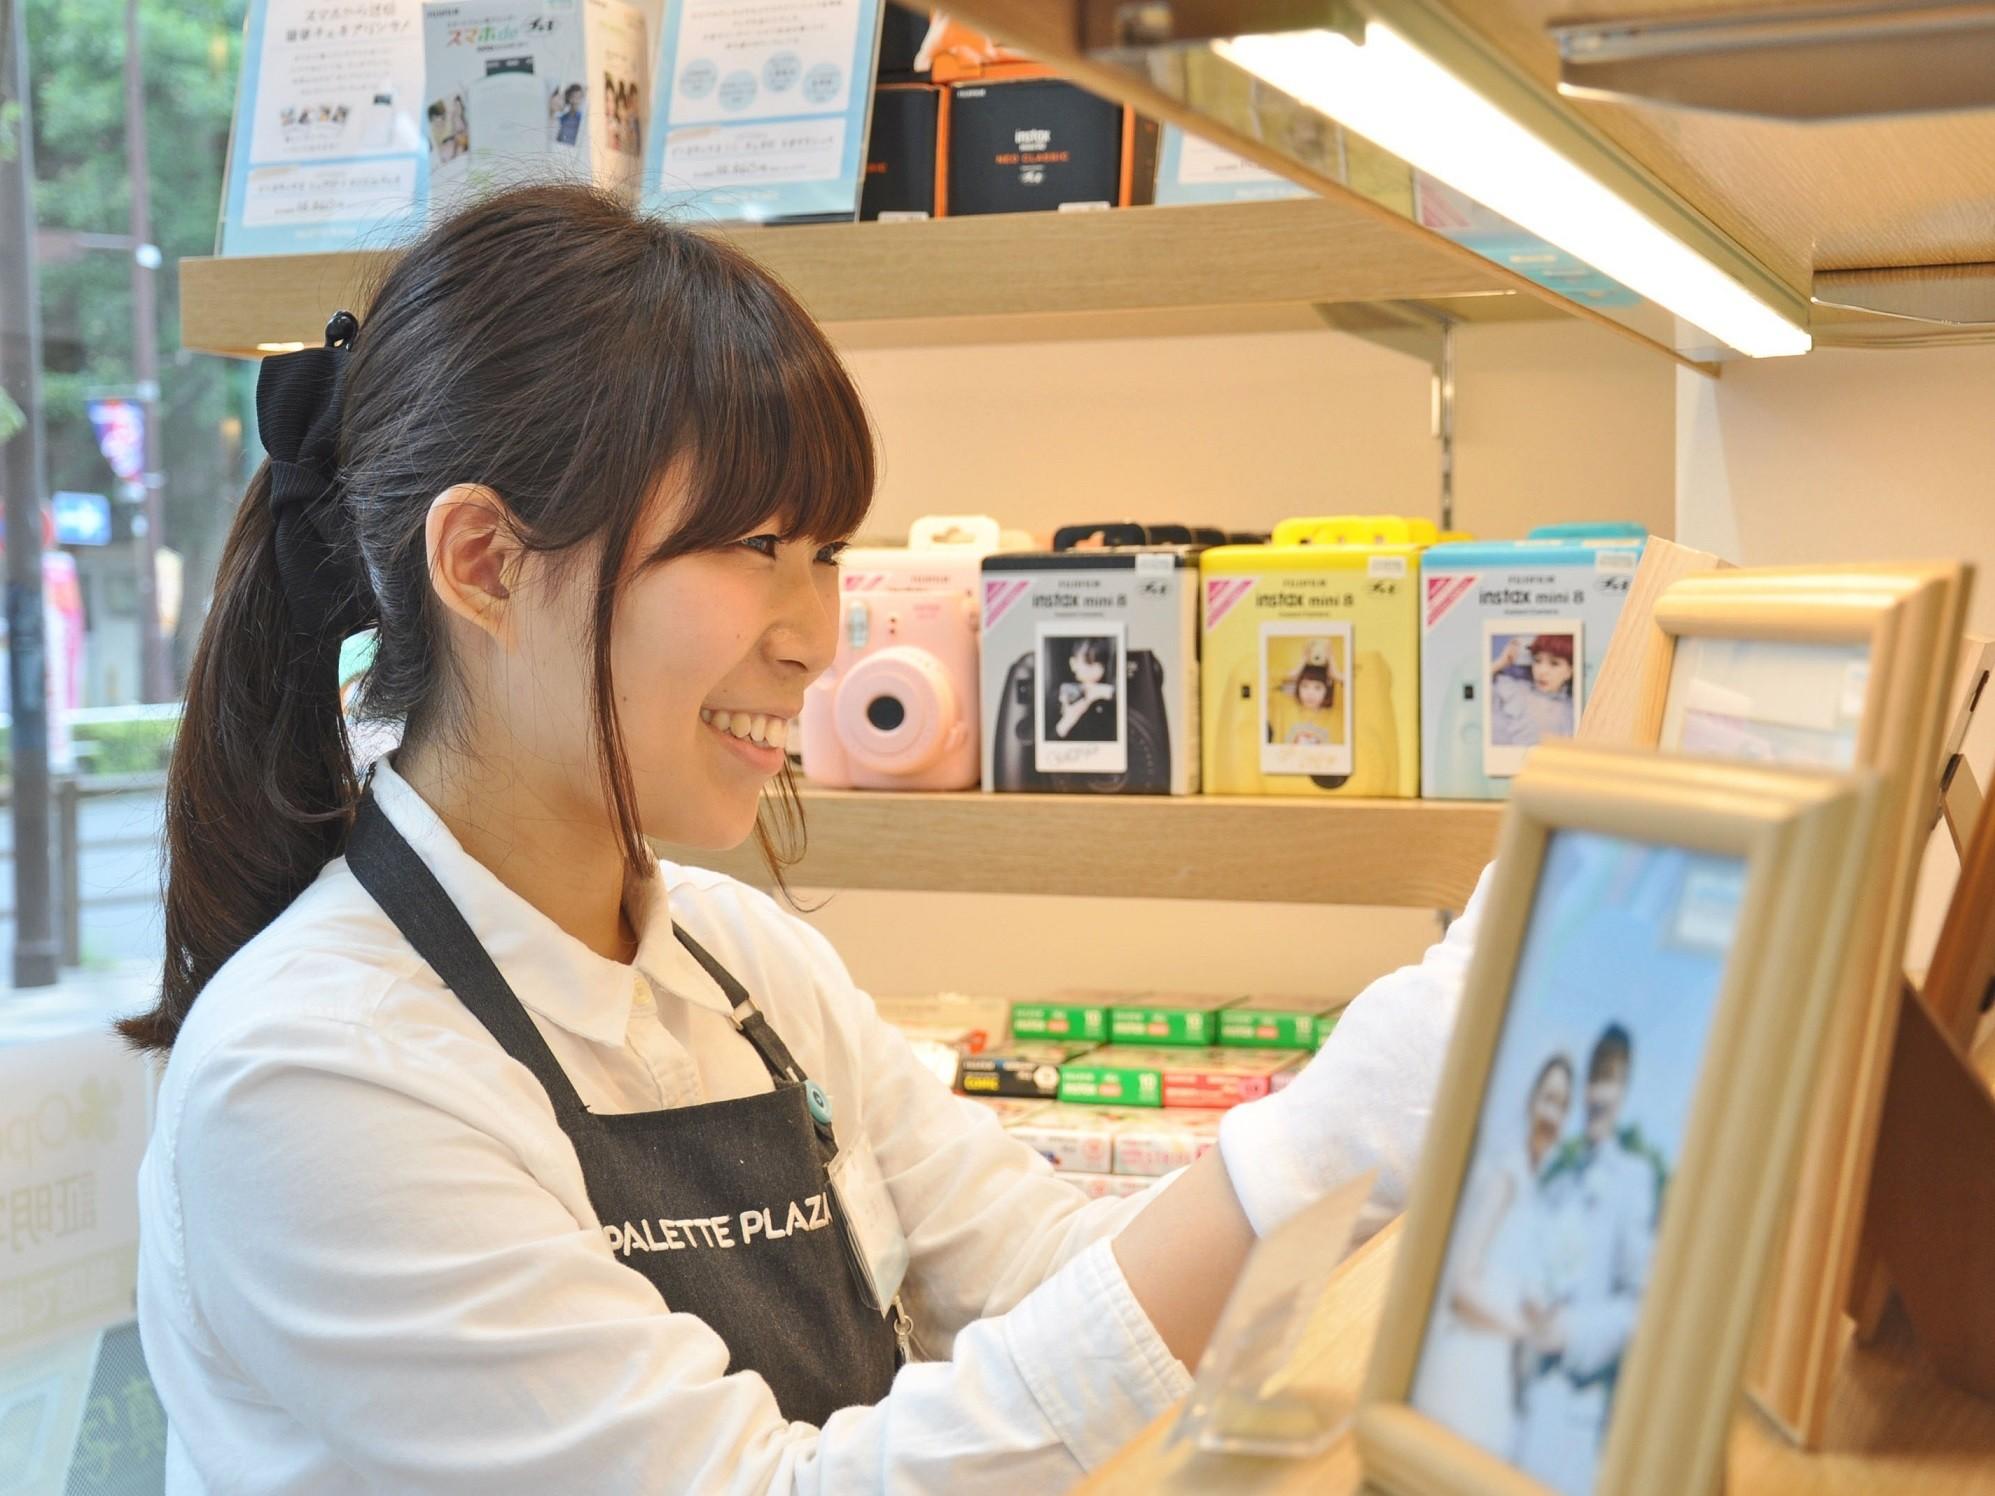 パレットプラザ 赤坂店 のアルバイト情報